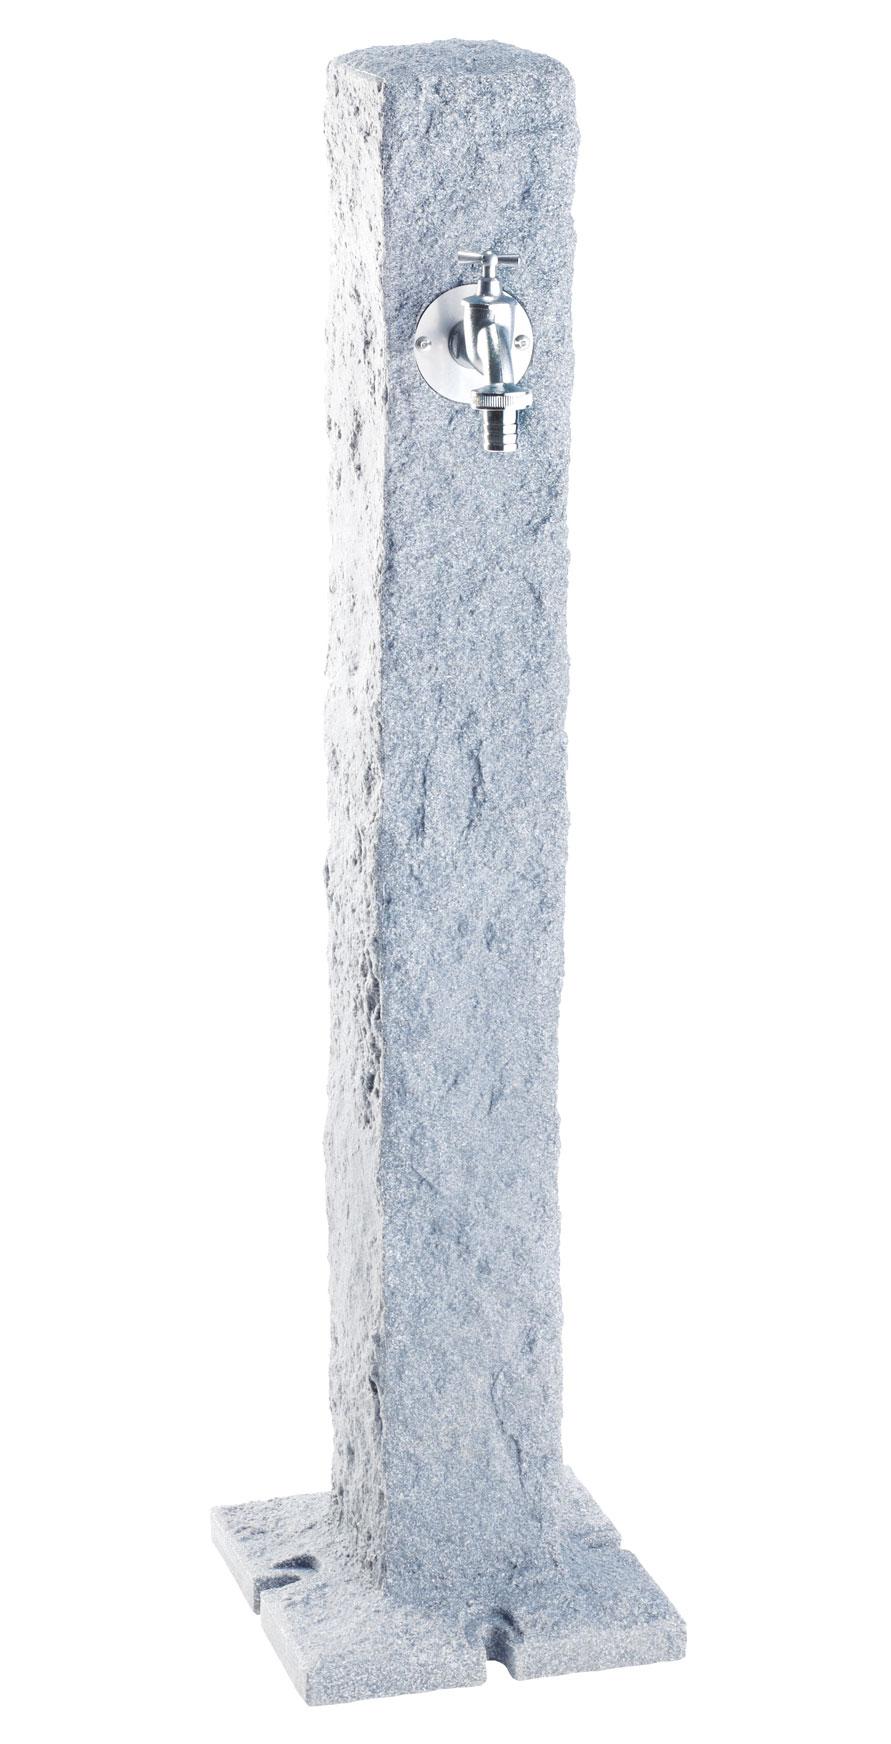 Wasserzapfsäule Granit Natursteinoptik lightgranite GRAF 356026 Bild 1